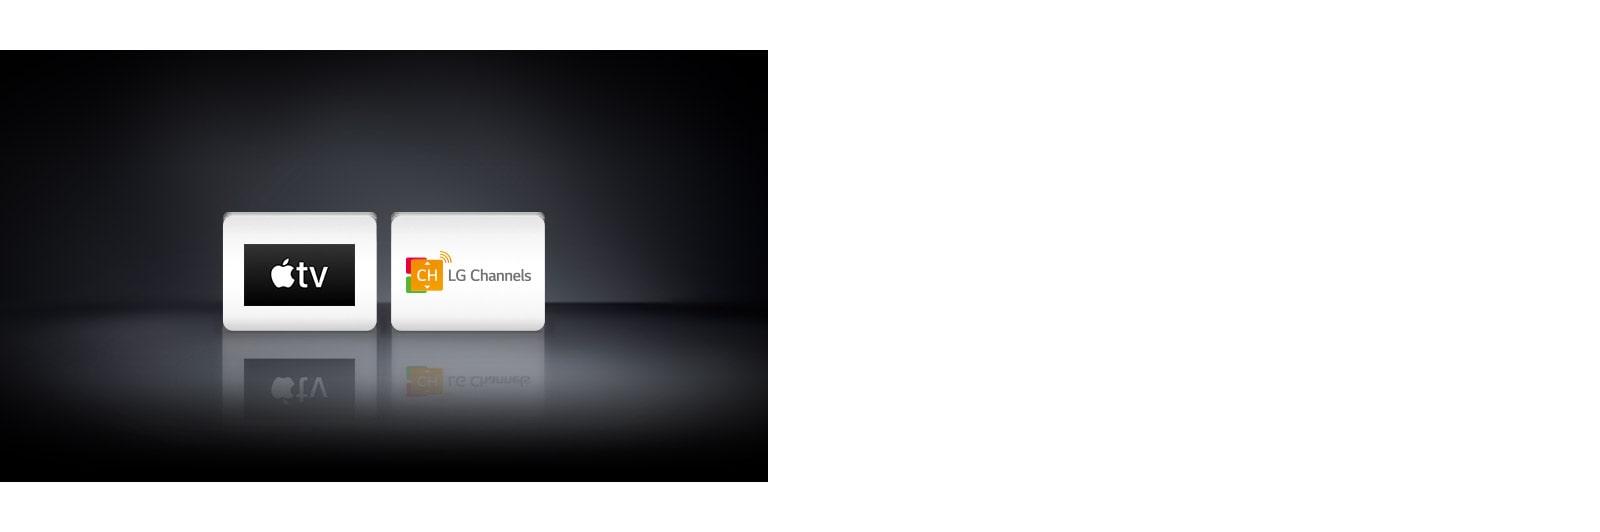 Логотипы четырех приложений слева направо: Apple TV и LG Channels.